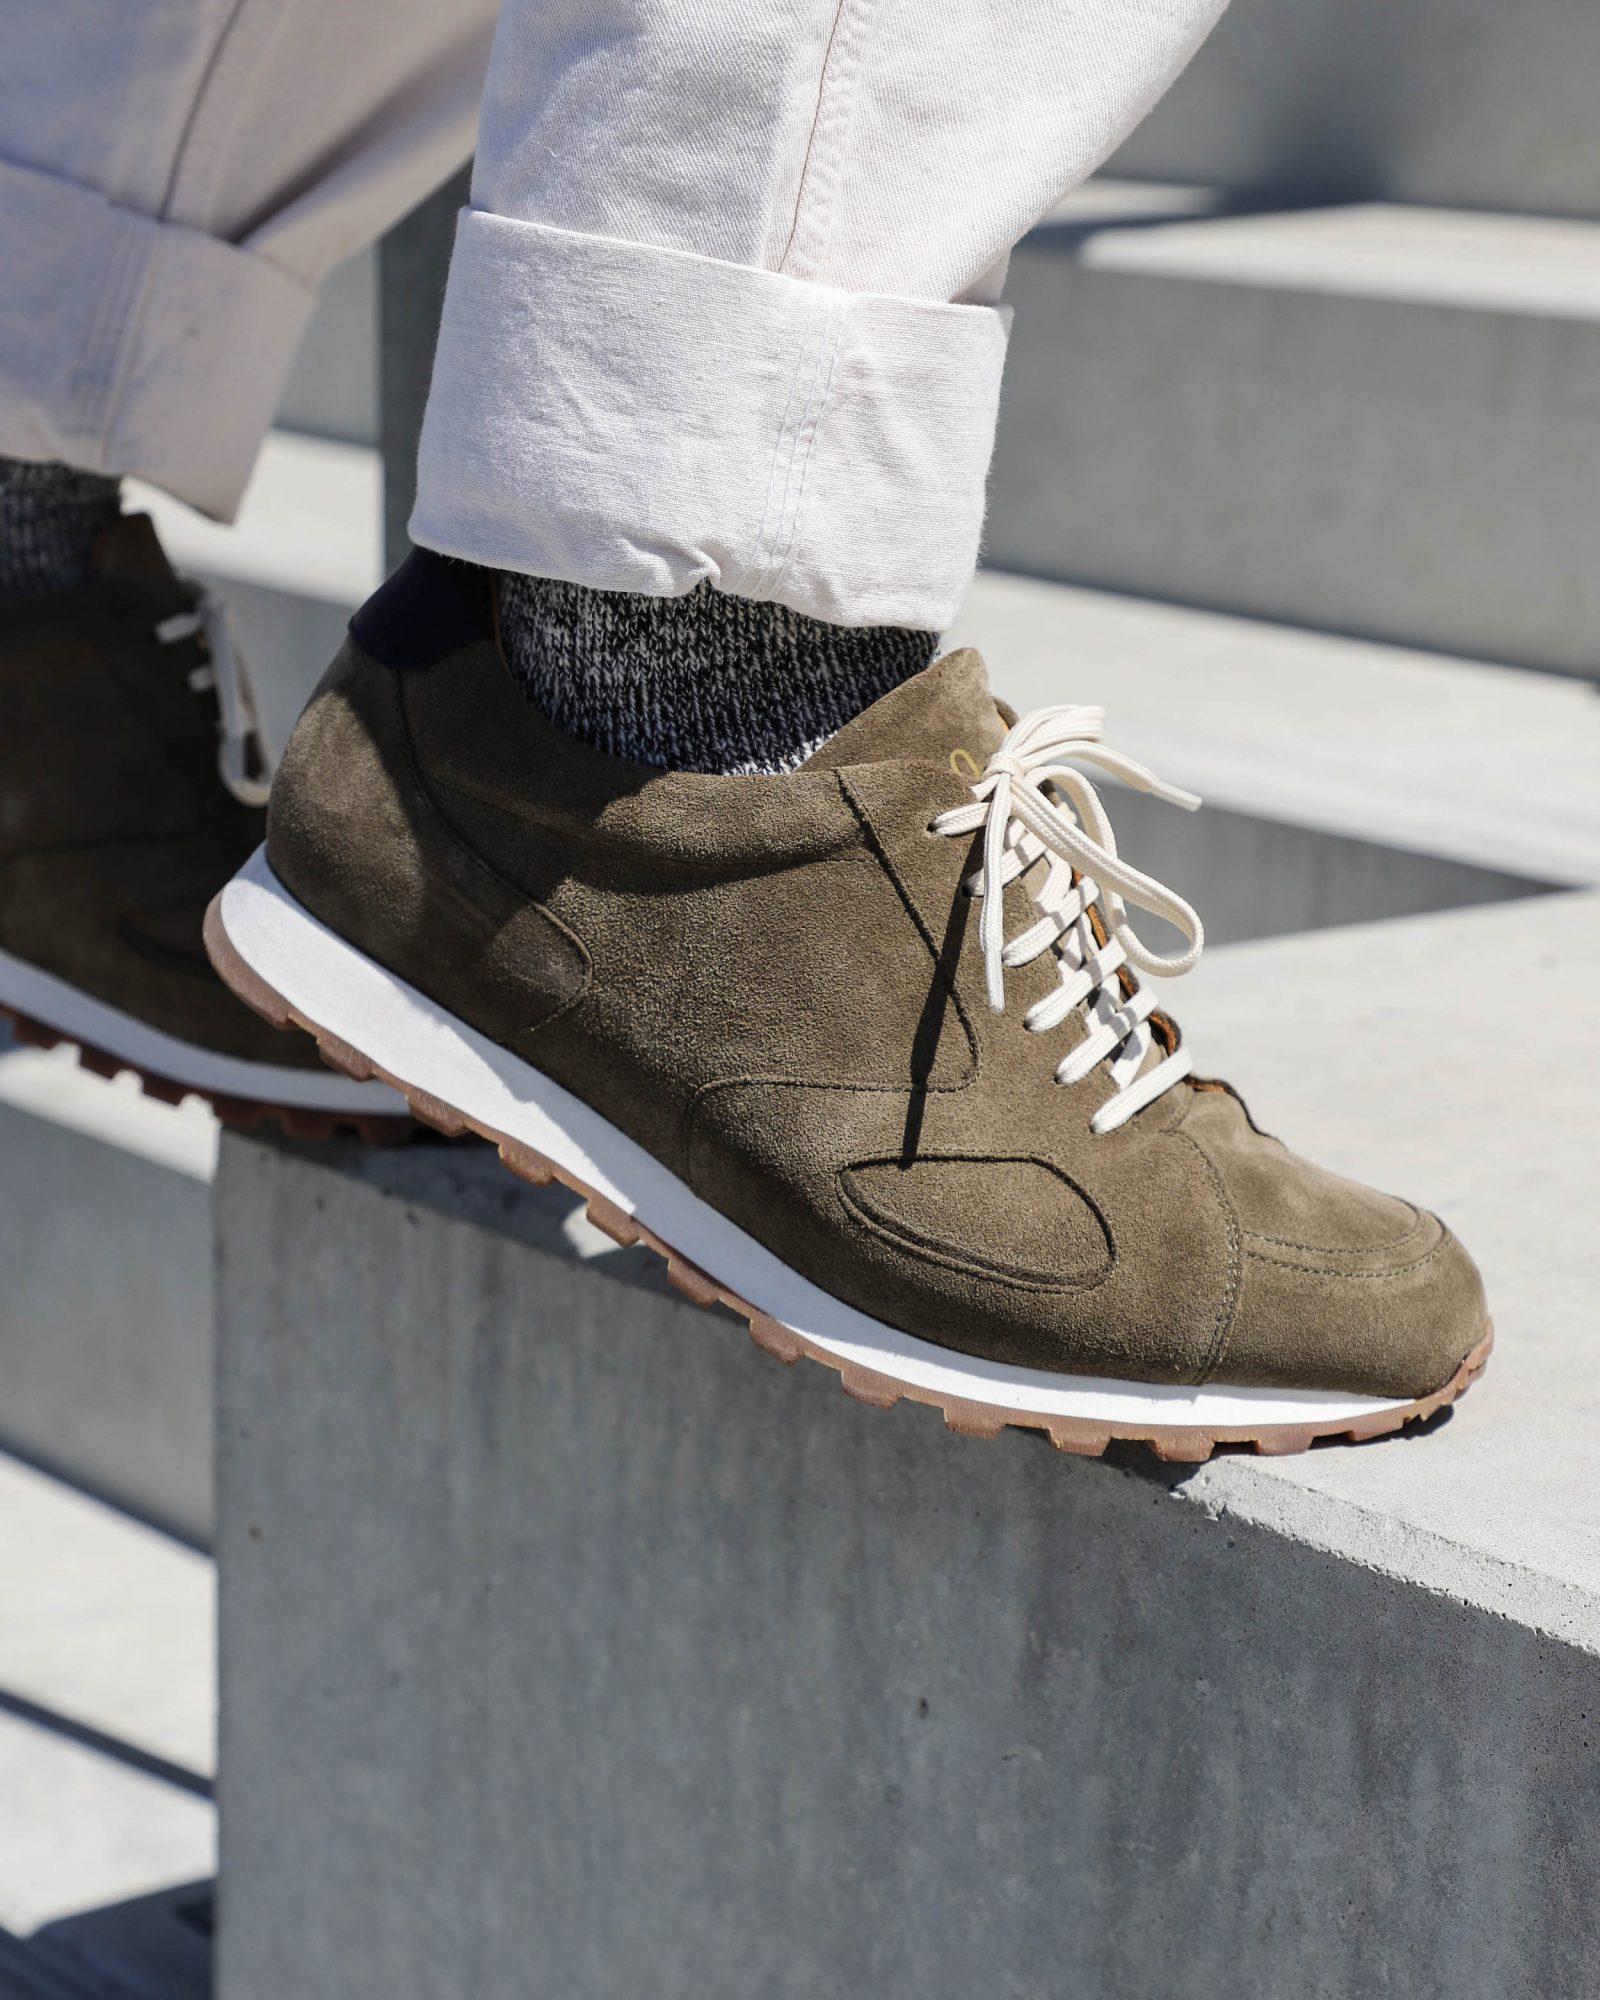 Sneakers Malfroid Sneakers 310 veau velours vert olive